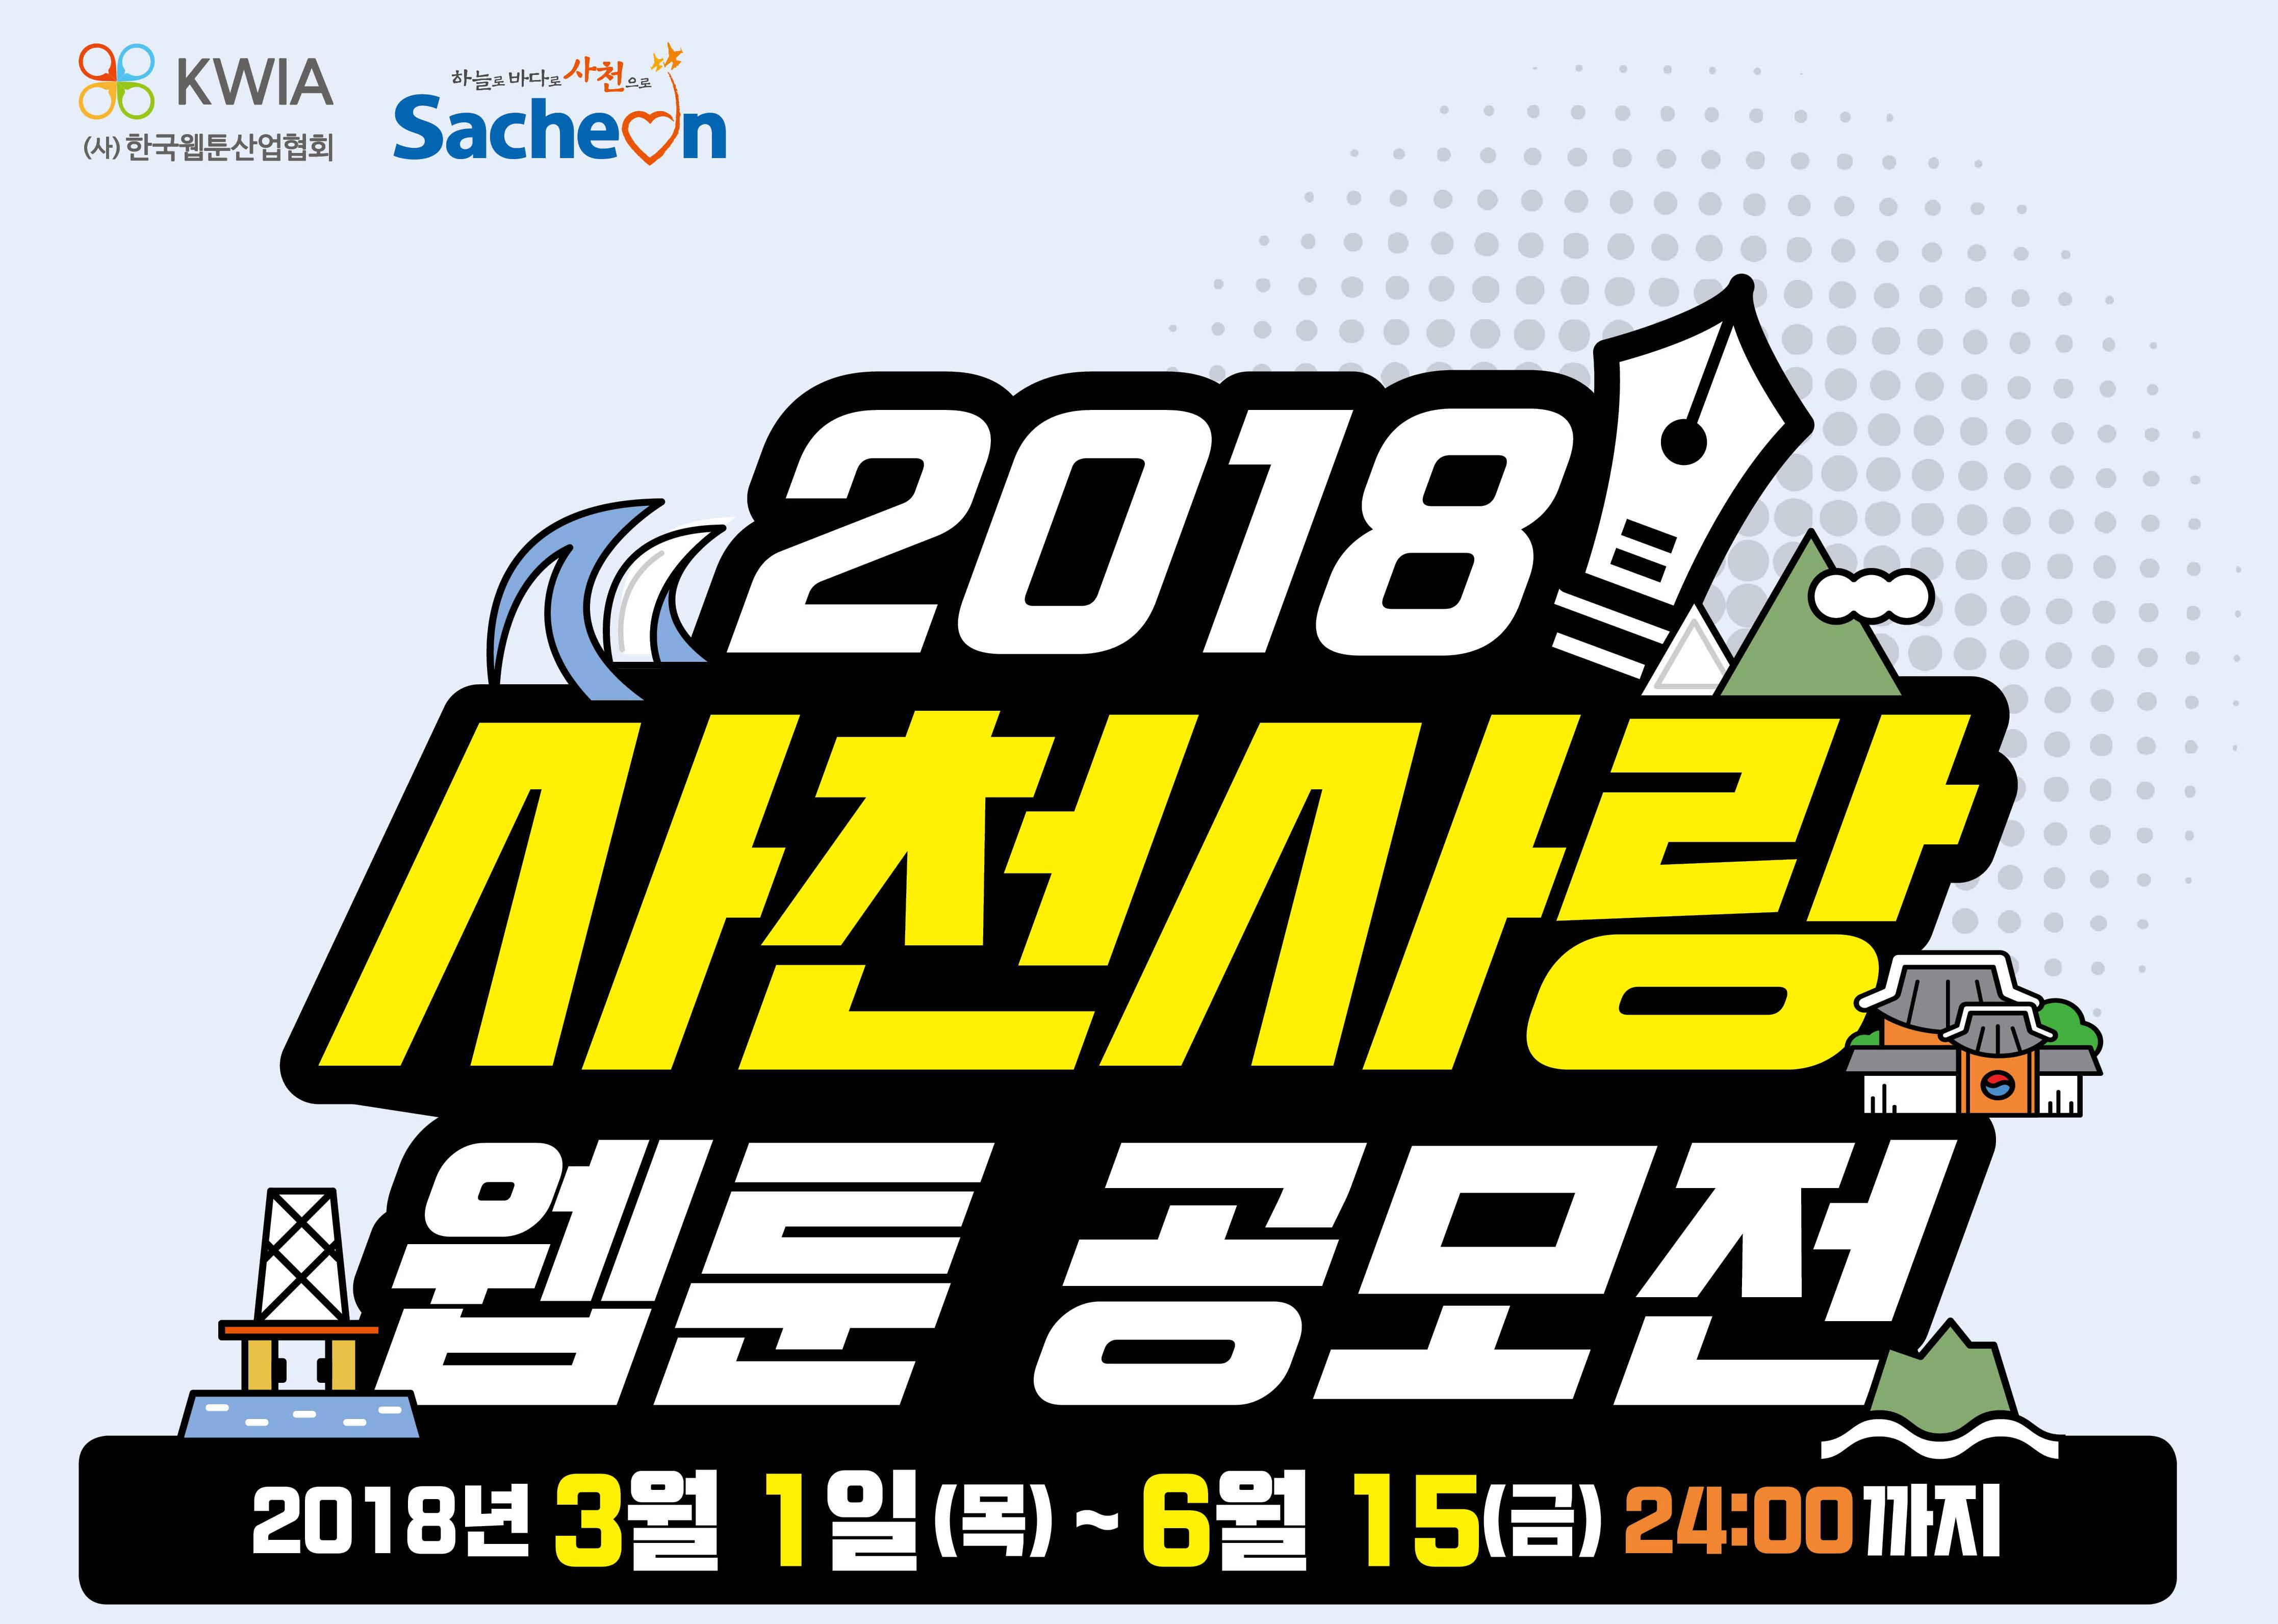 '2018 사천사랑 웹툰 공모전' 당선작 발표